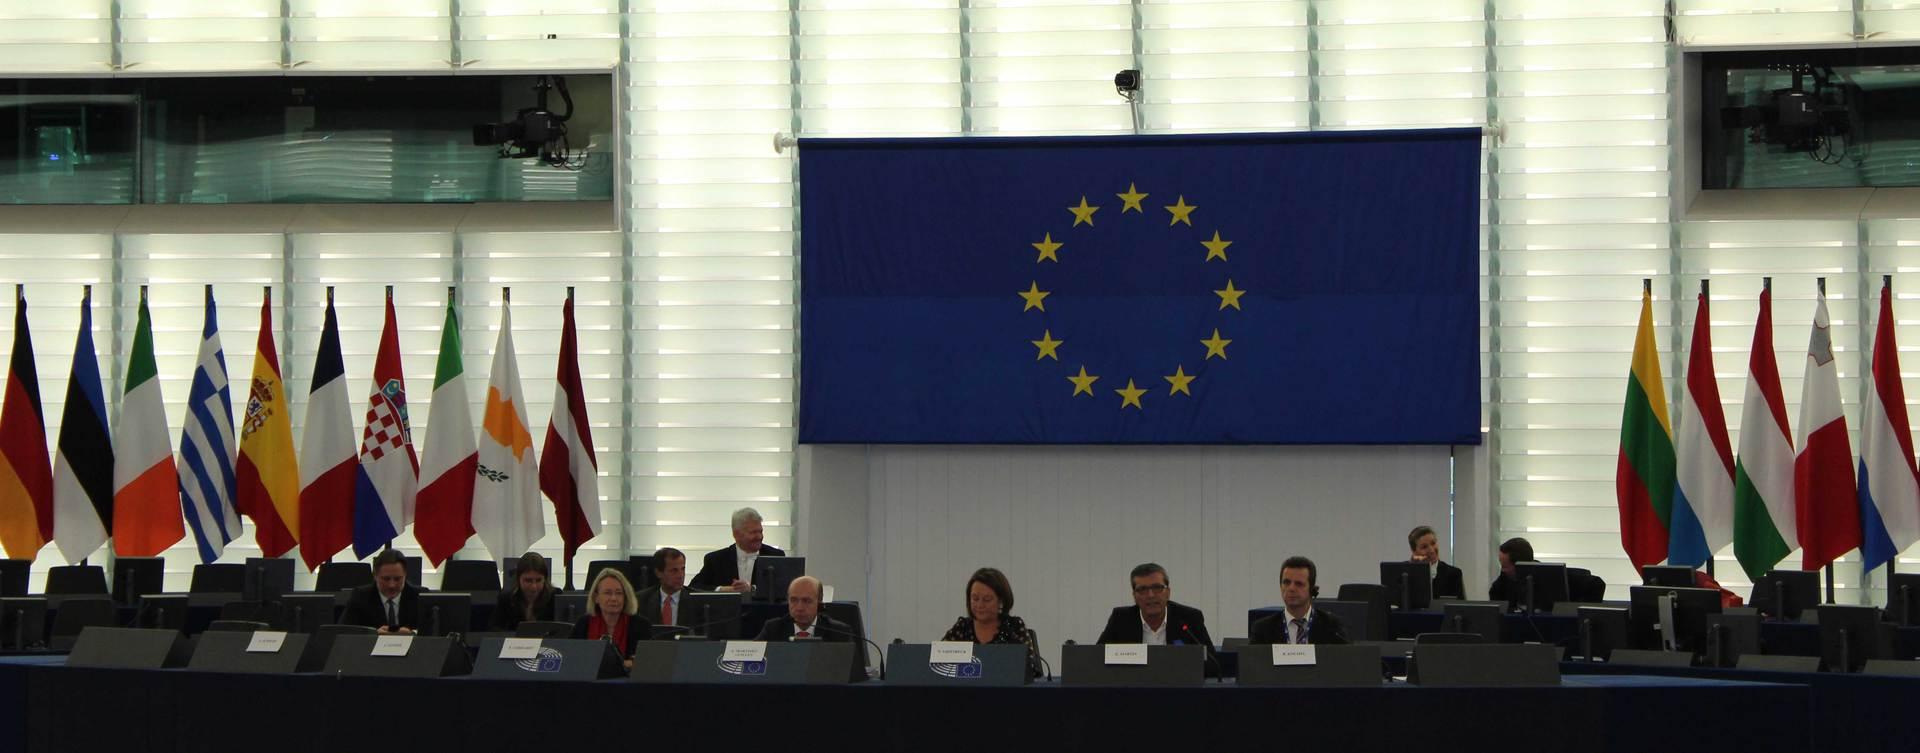 Intressierte Europäer konnten im Plenarsaal des Europäischen Parlamentes fragen an die Abgeordneten des EP stellen.